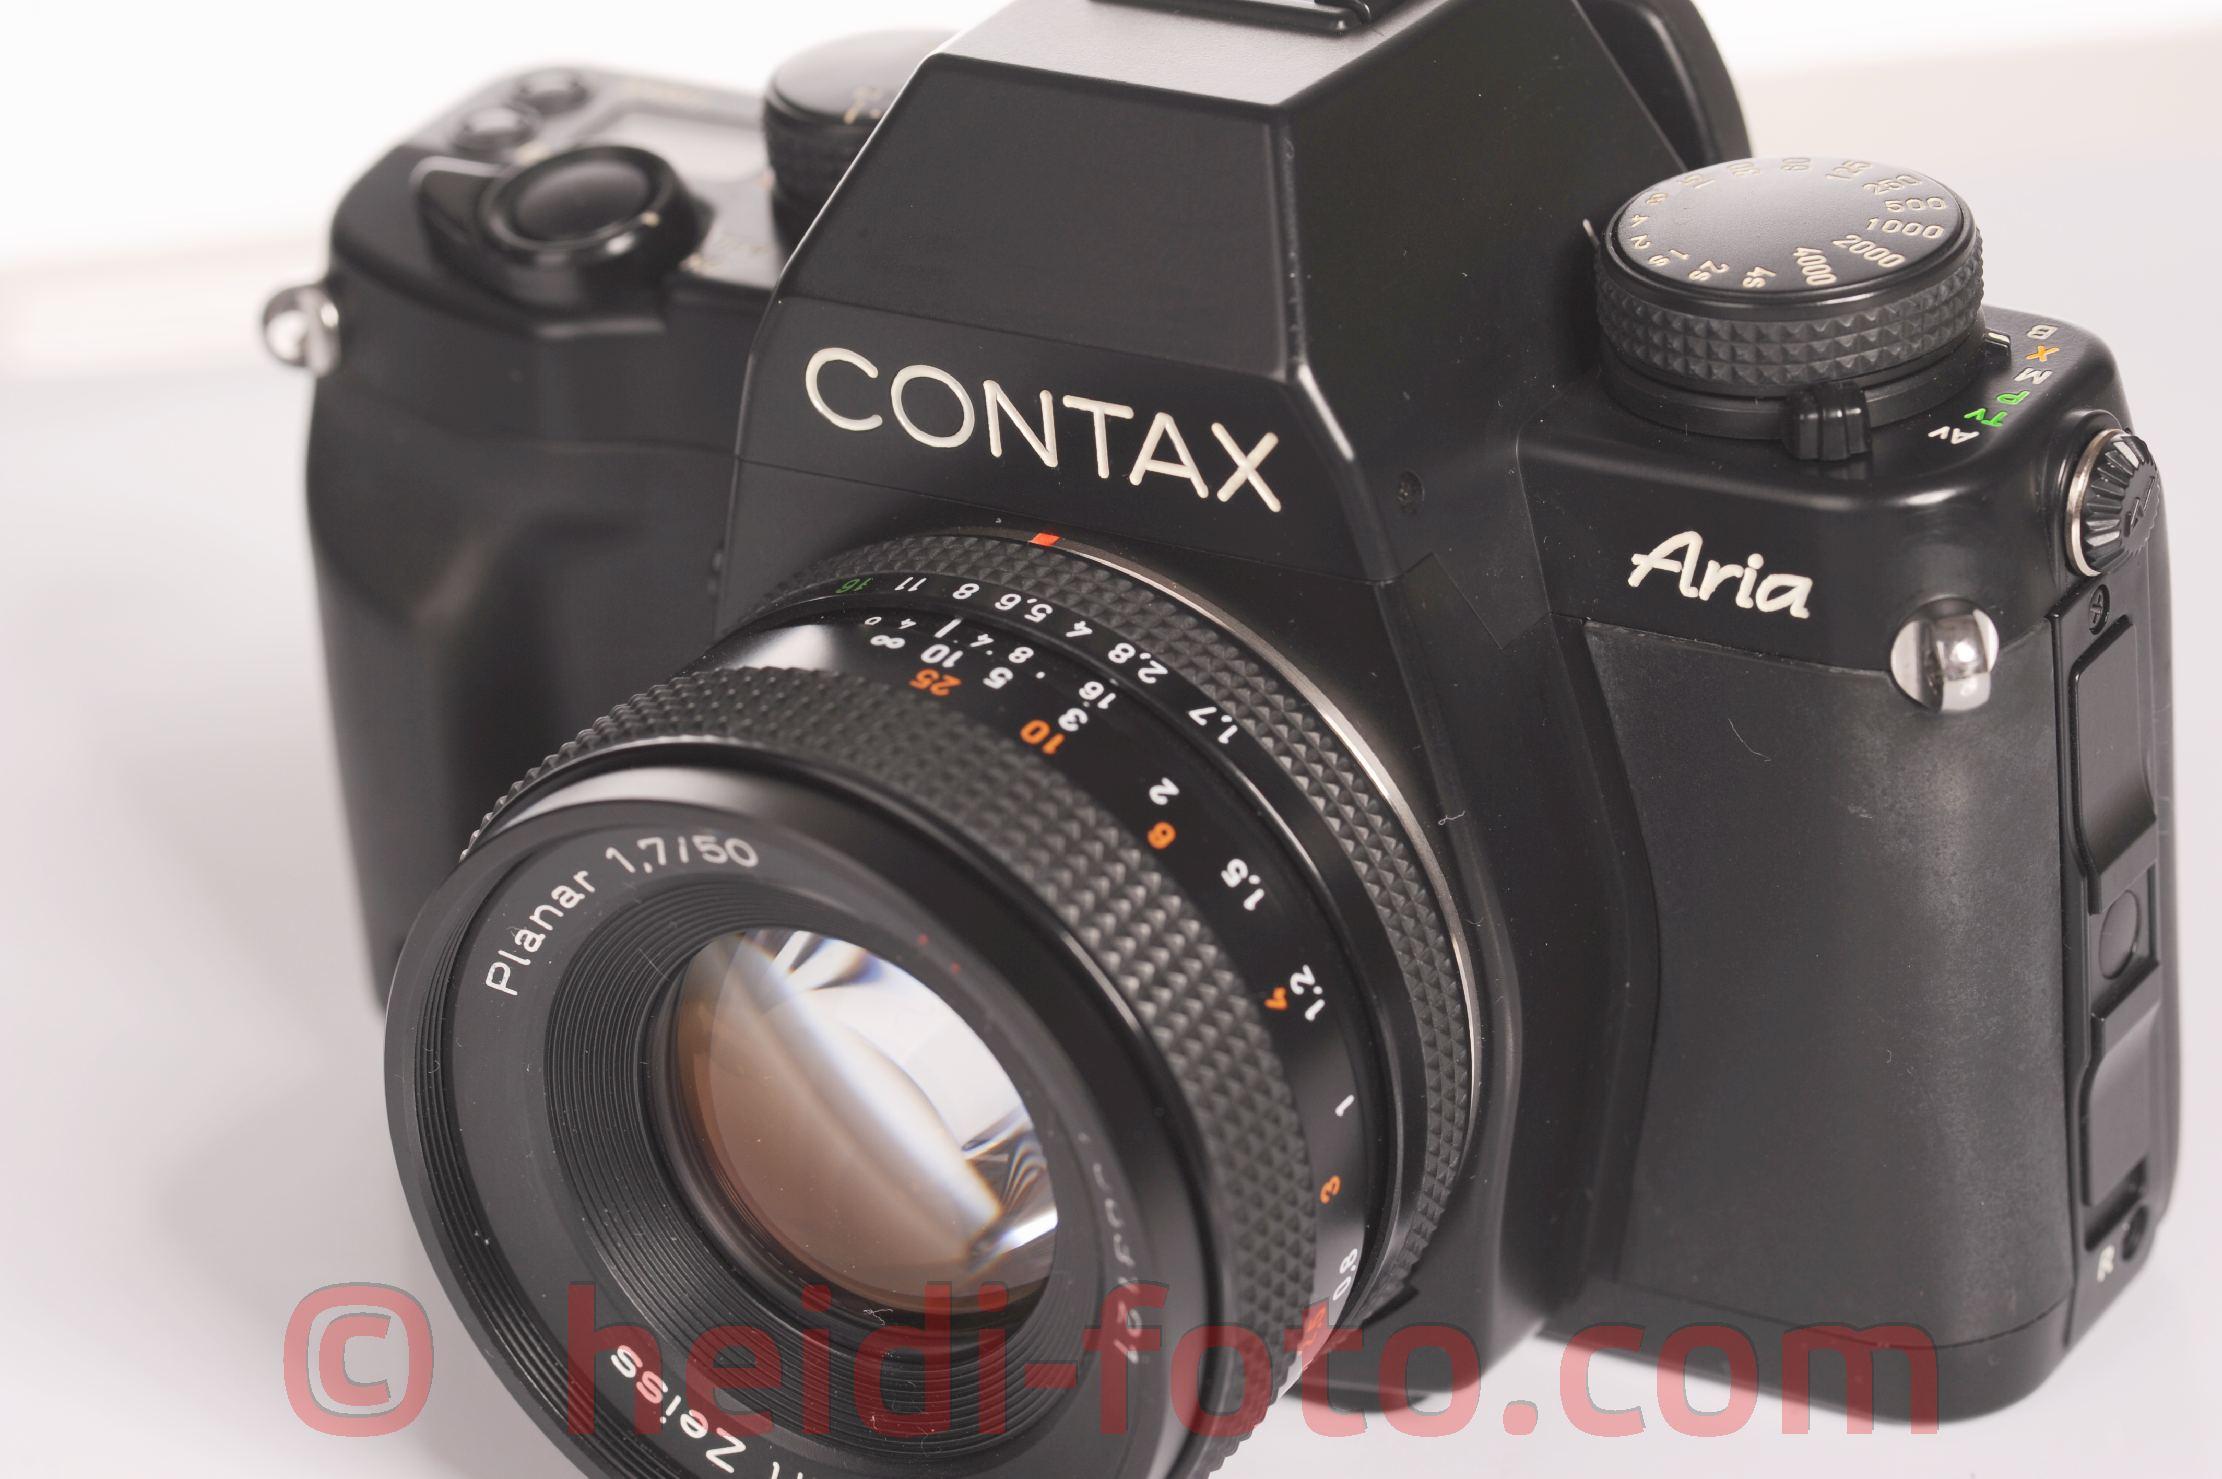 http://web278.webgo24-server41.de/Produktbilder2015/CONTAX_Aria_m-50_1.7_MM____1-2_____04.jpg